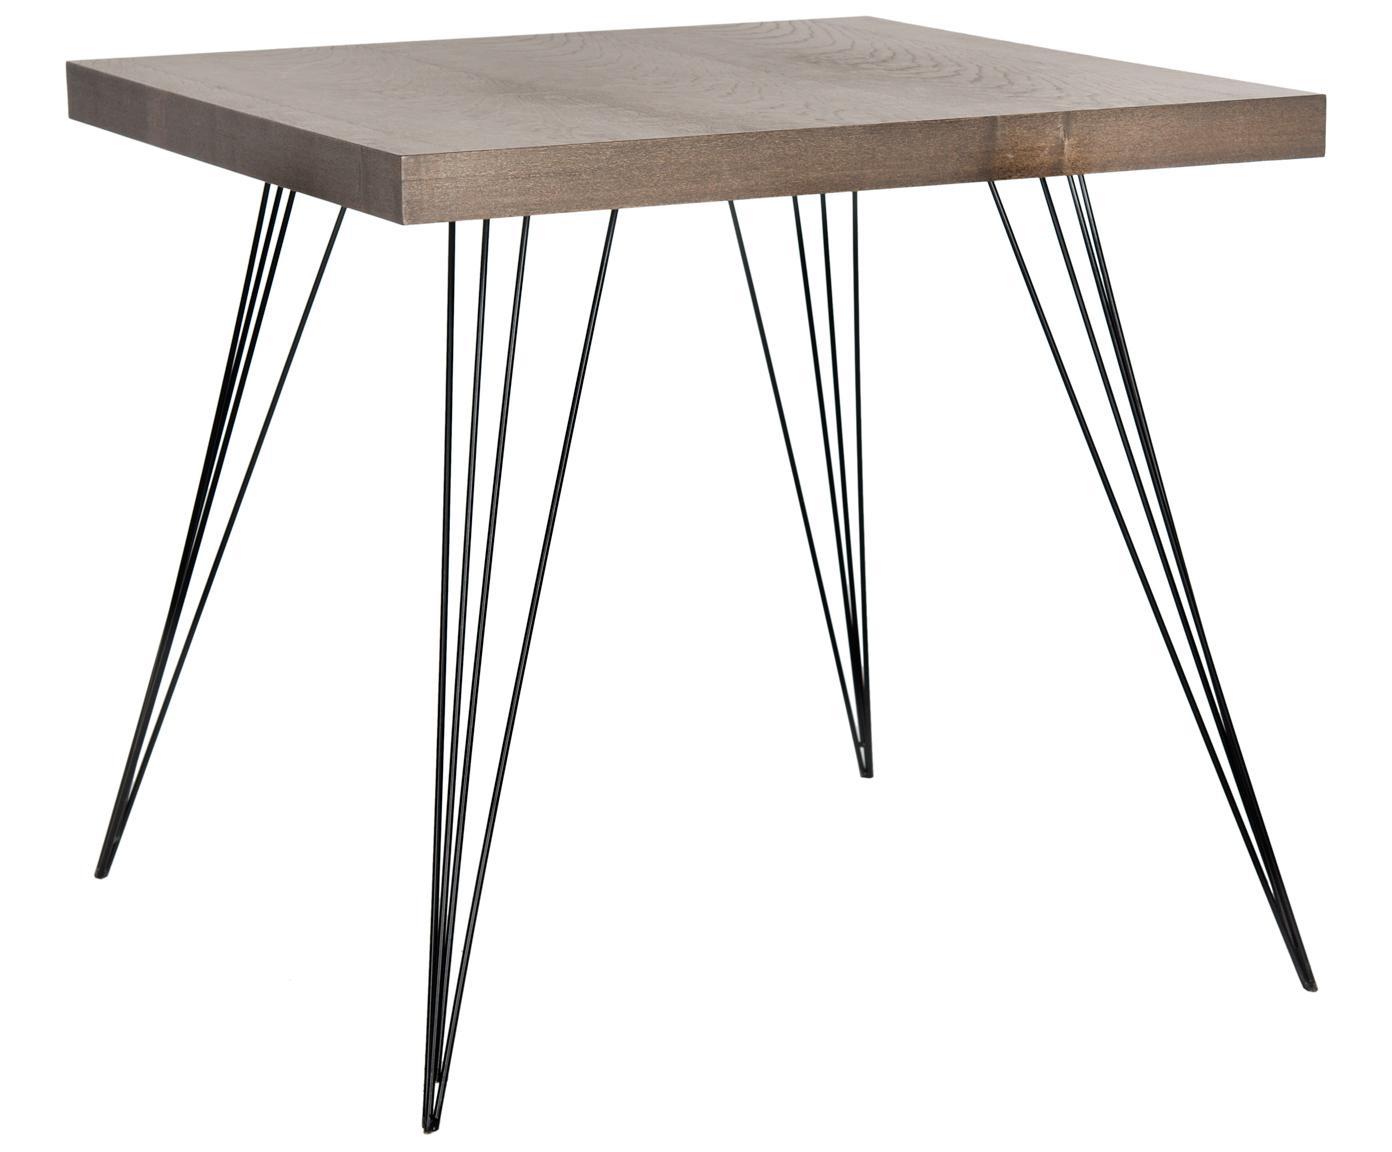 Mesa de comedor pequeña y cuadrada Wolcott, Tablero: fibras de densidad media,, Patas: hierro, pintado, Marrón oscuro, negro, An 80 x F 80 cm